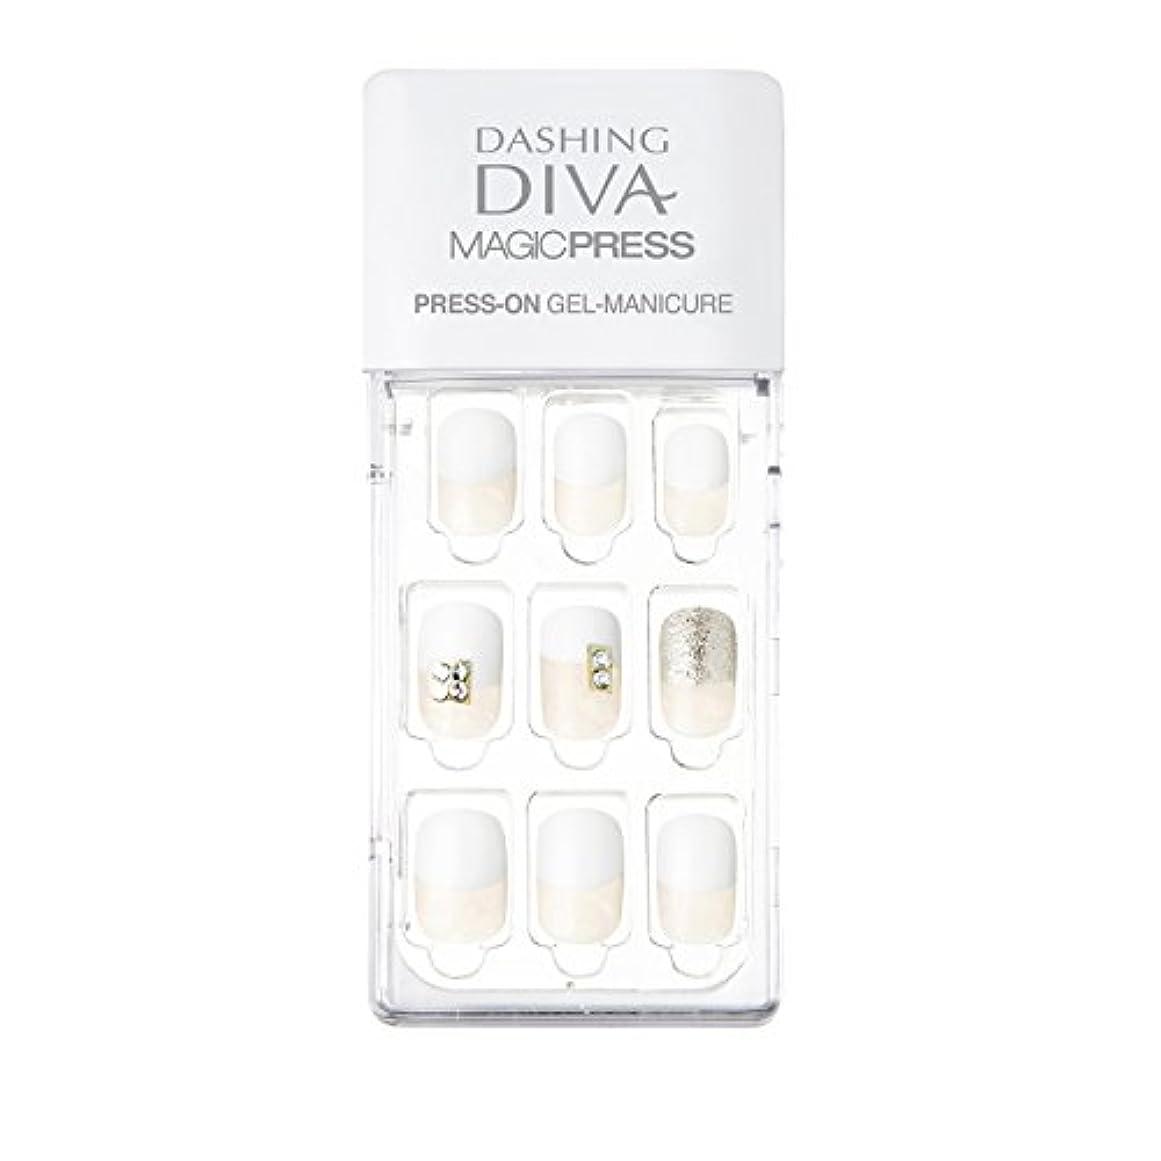 ダッシングディバ マジックプレス DASHING DIVA MagicPress MDR129-DURY+ オリジナルジェル ネイルチップ